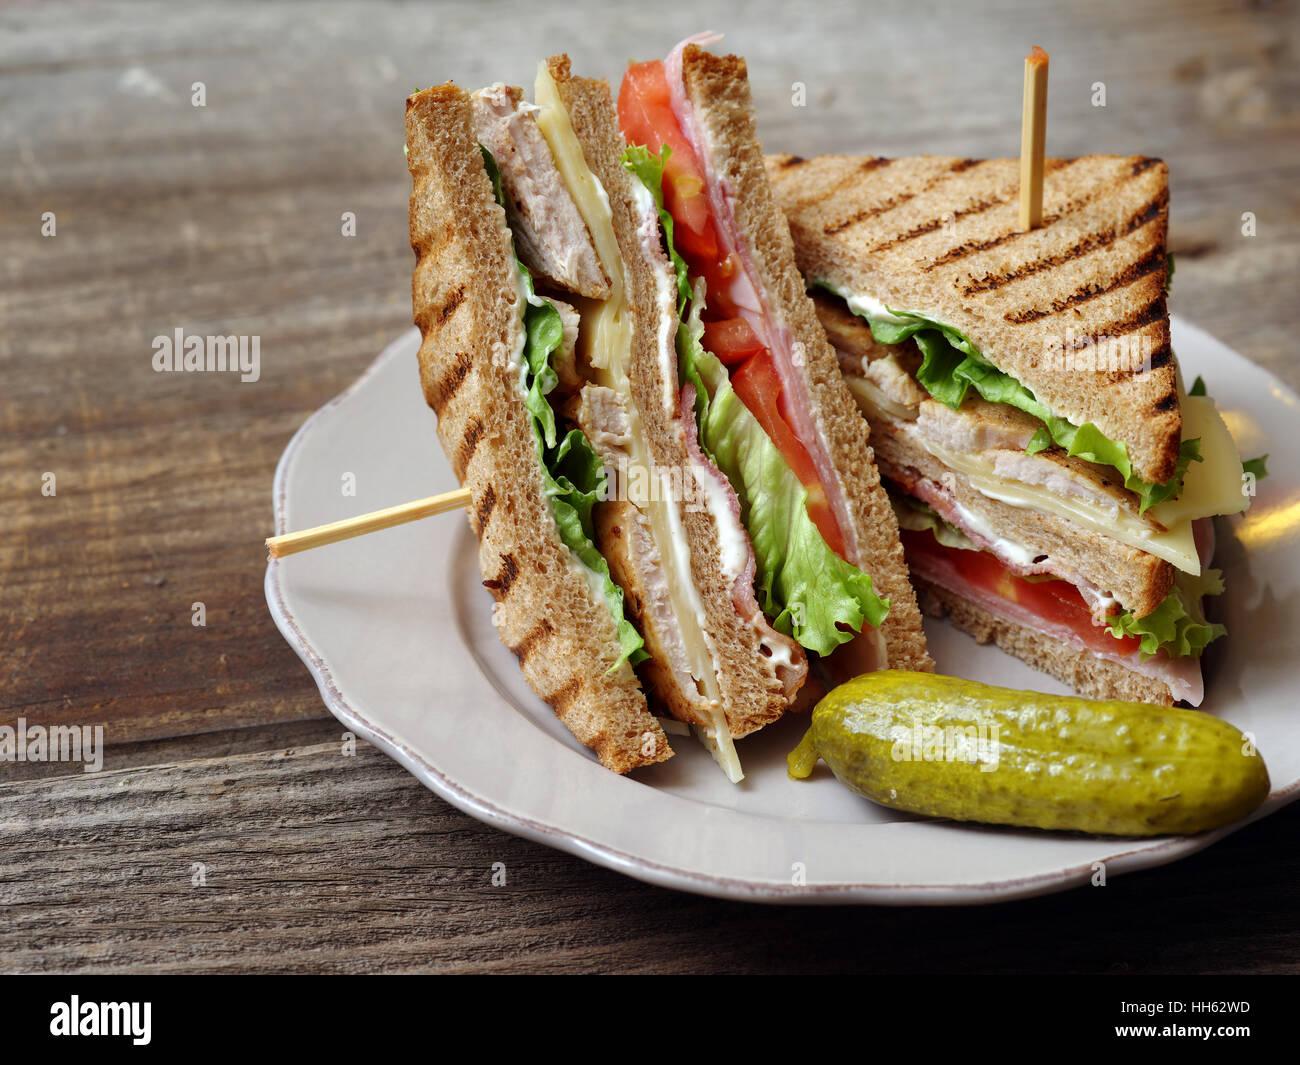 Photo d'un club sandwich fait avec la Turquie, bacon, jambon, tomates, fromage, laitue, et garnie d'un cornichon. Photo Stock